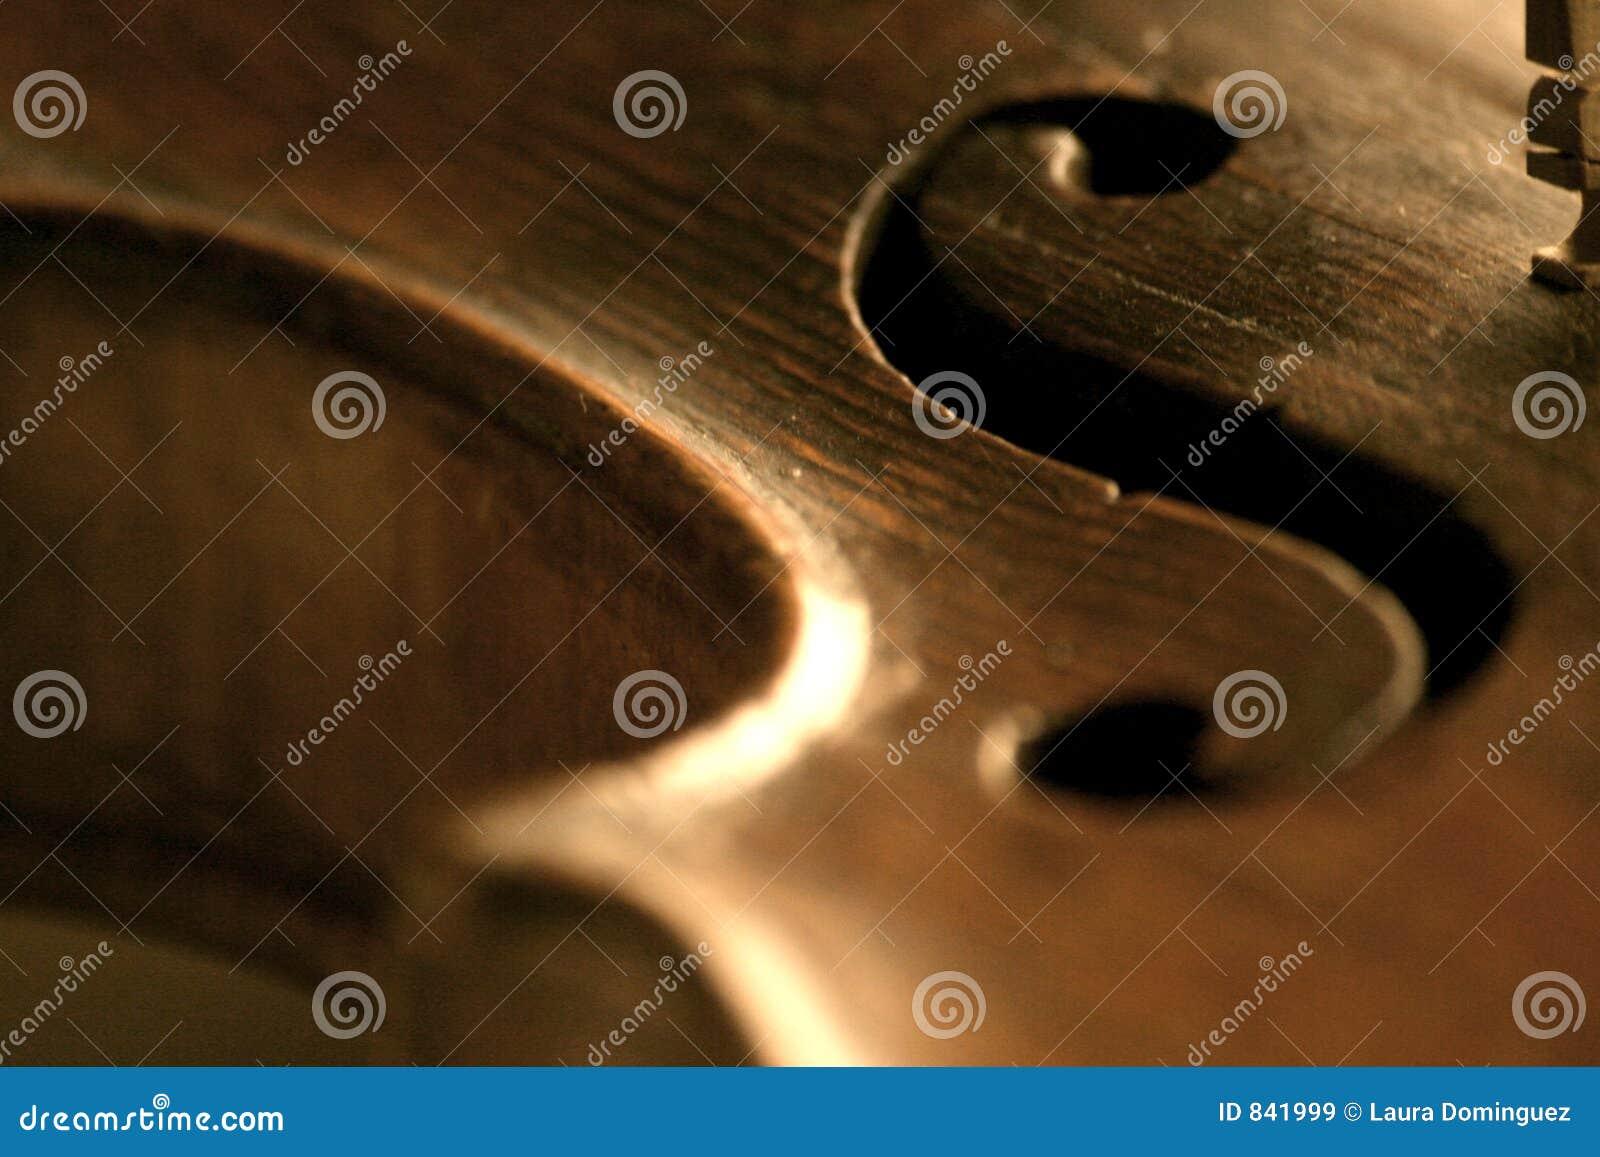 Violin f scroll detail